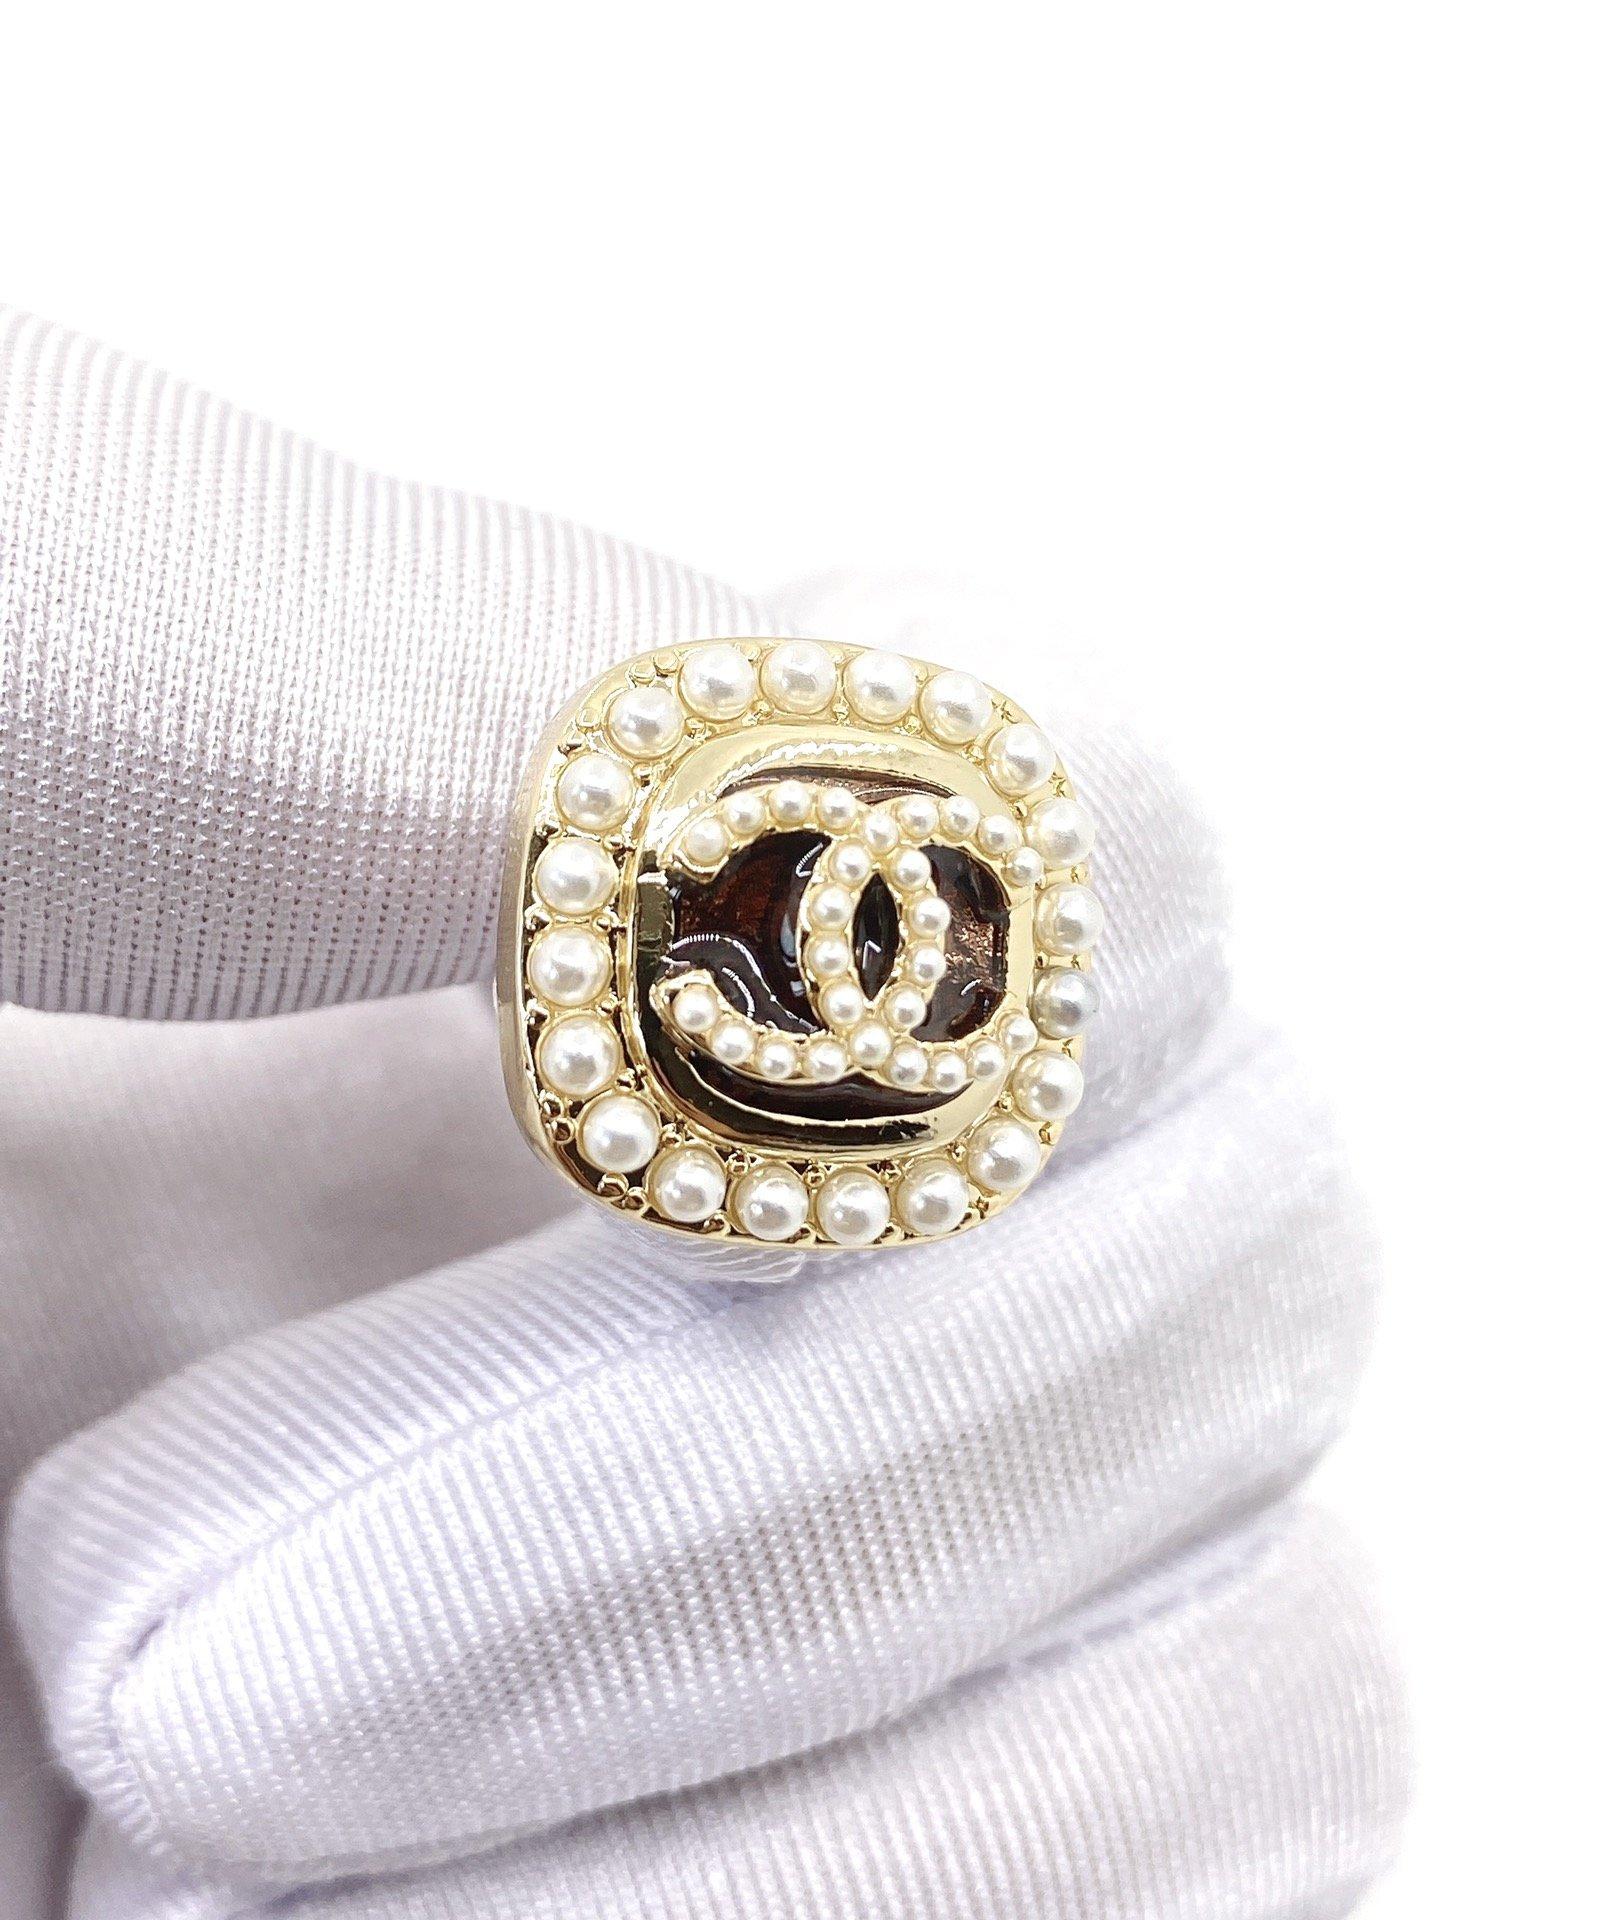 CHANEL小香方形珍珠双c耳钉高端